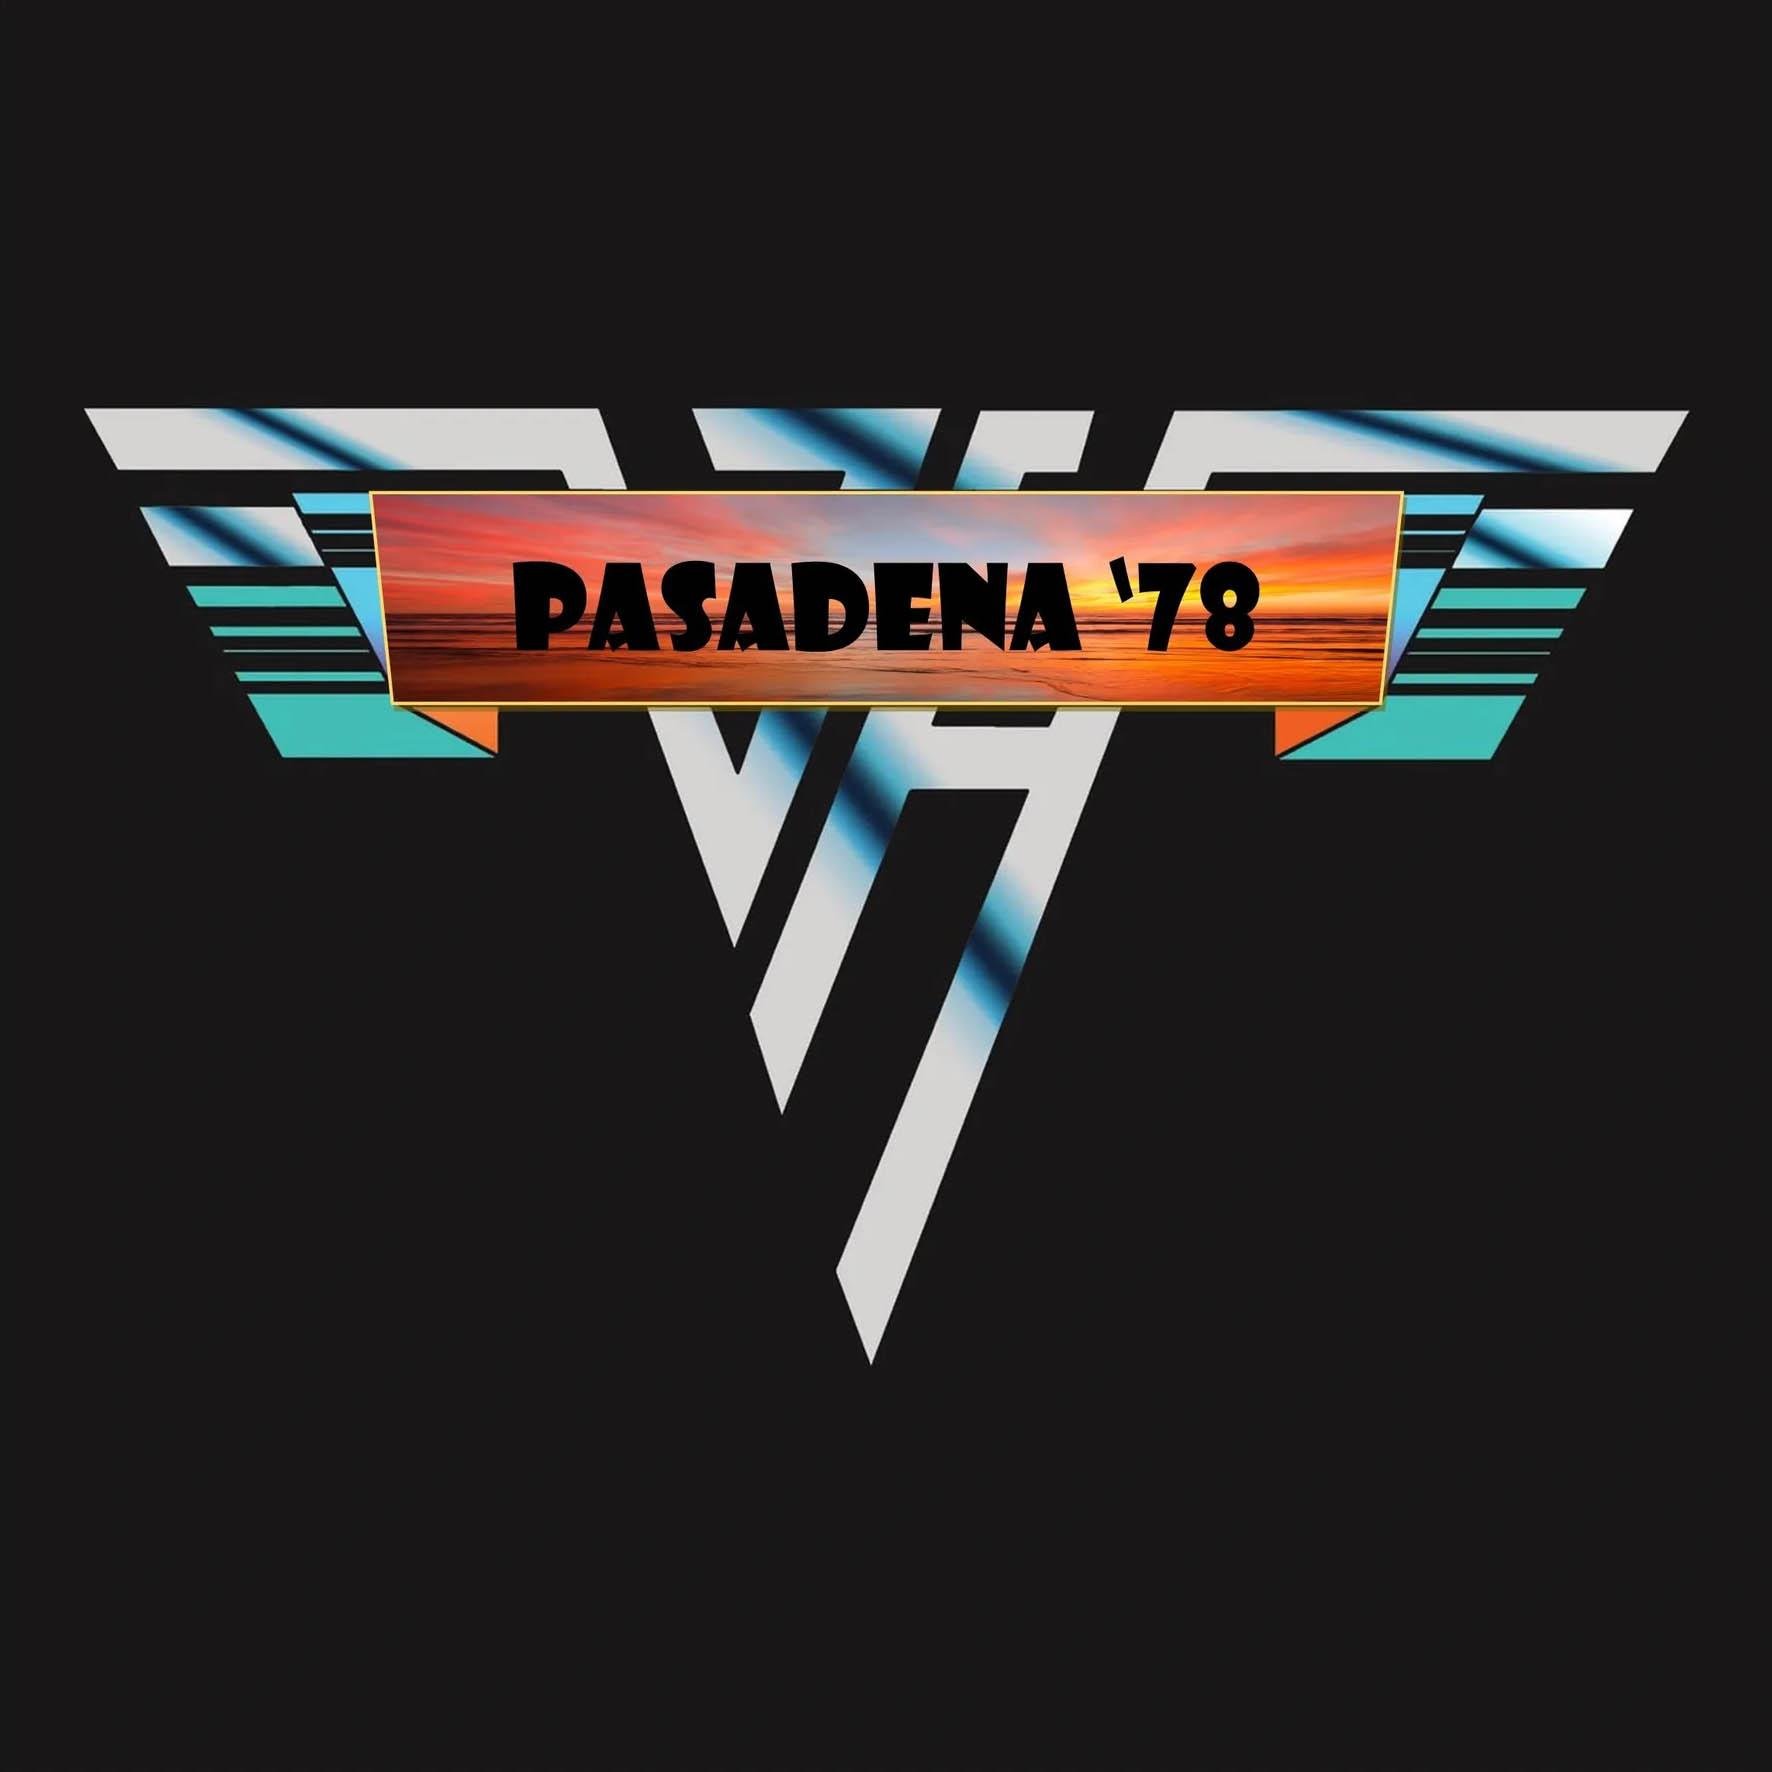 Pasadena '78